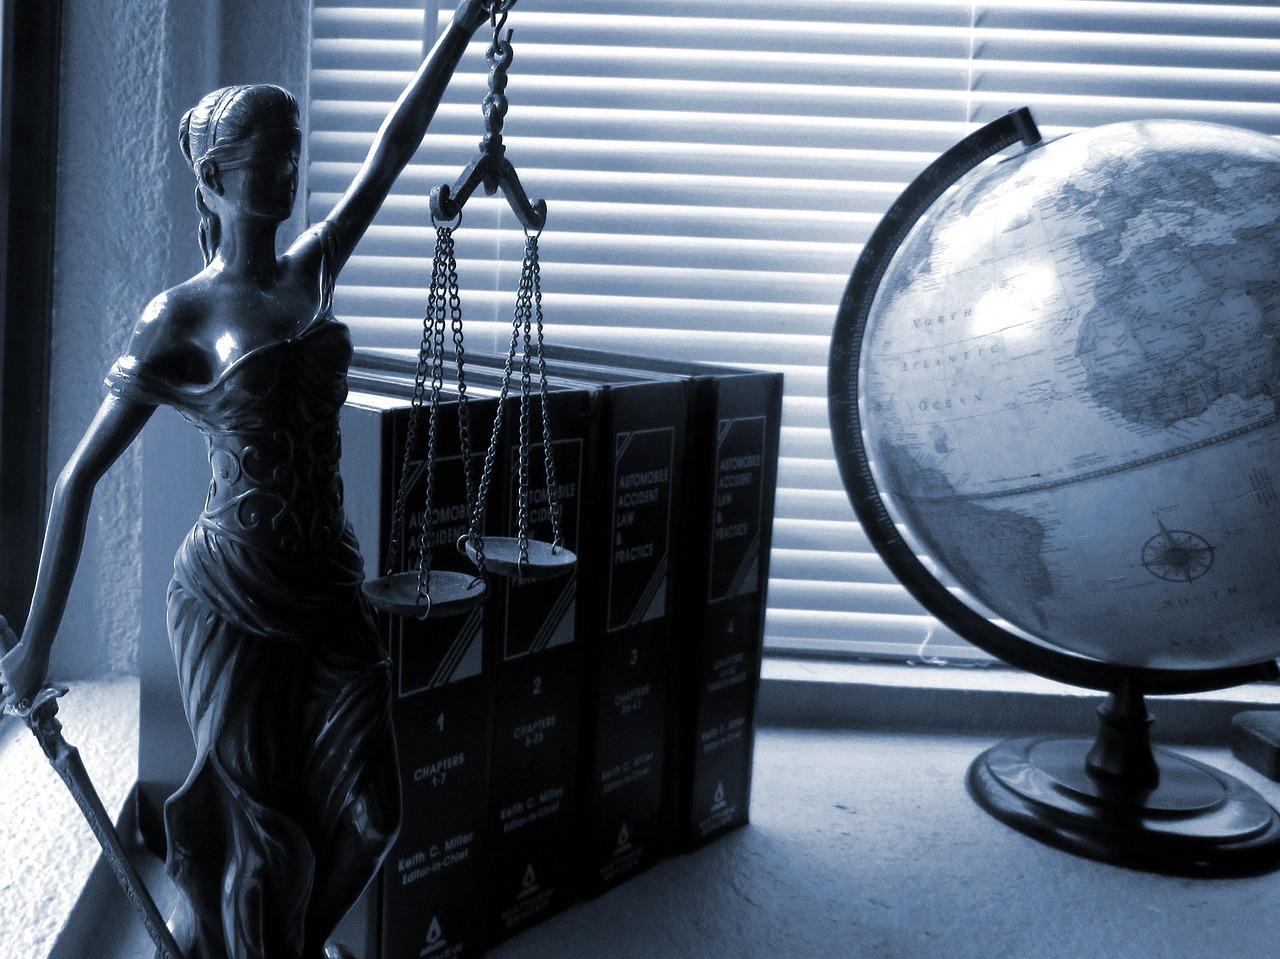 jak wygląda rozprawa sądowa